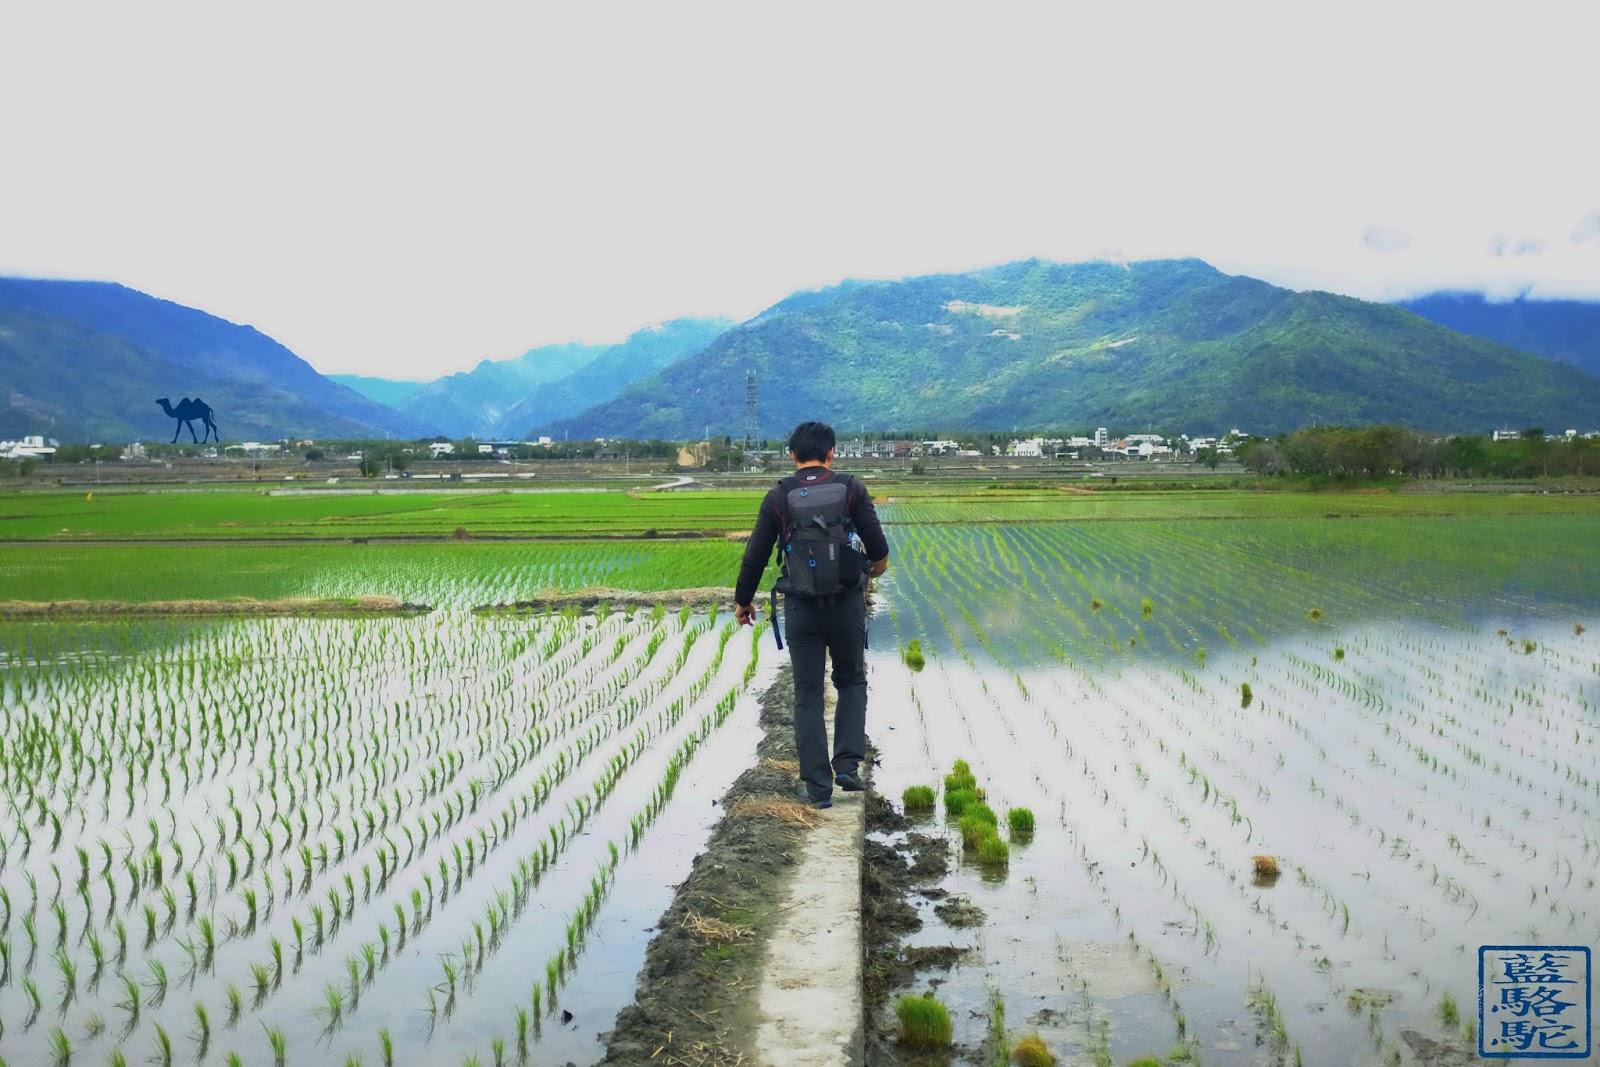 Le Chameau Bleu - Thule Perpektiv dans les rizières - Taiwan